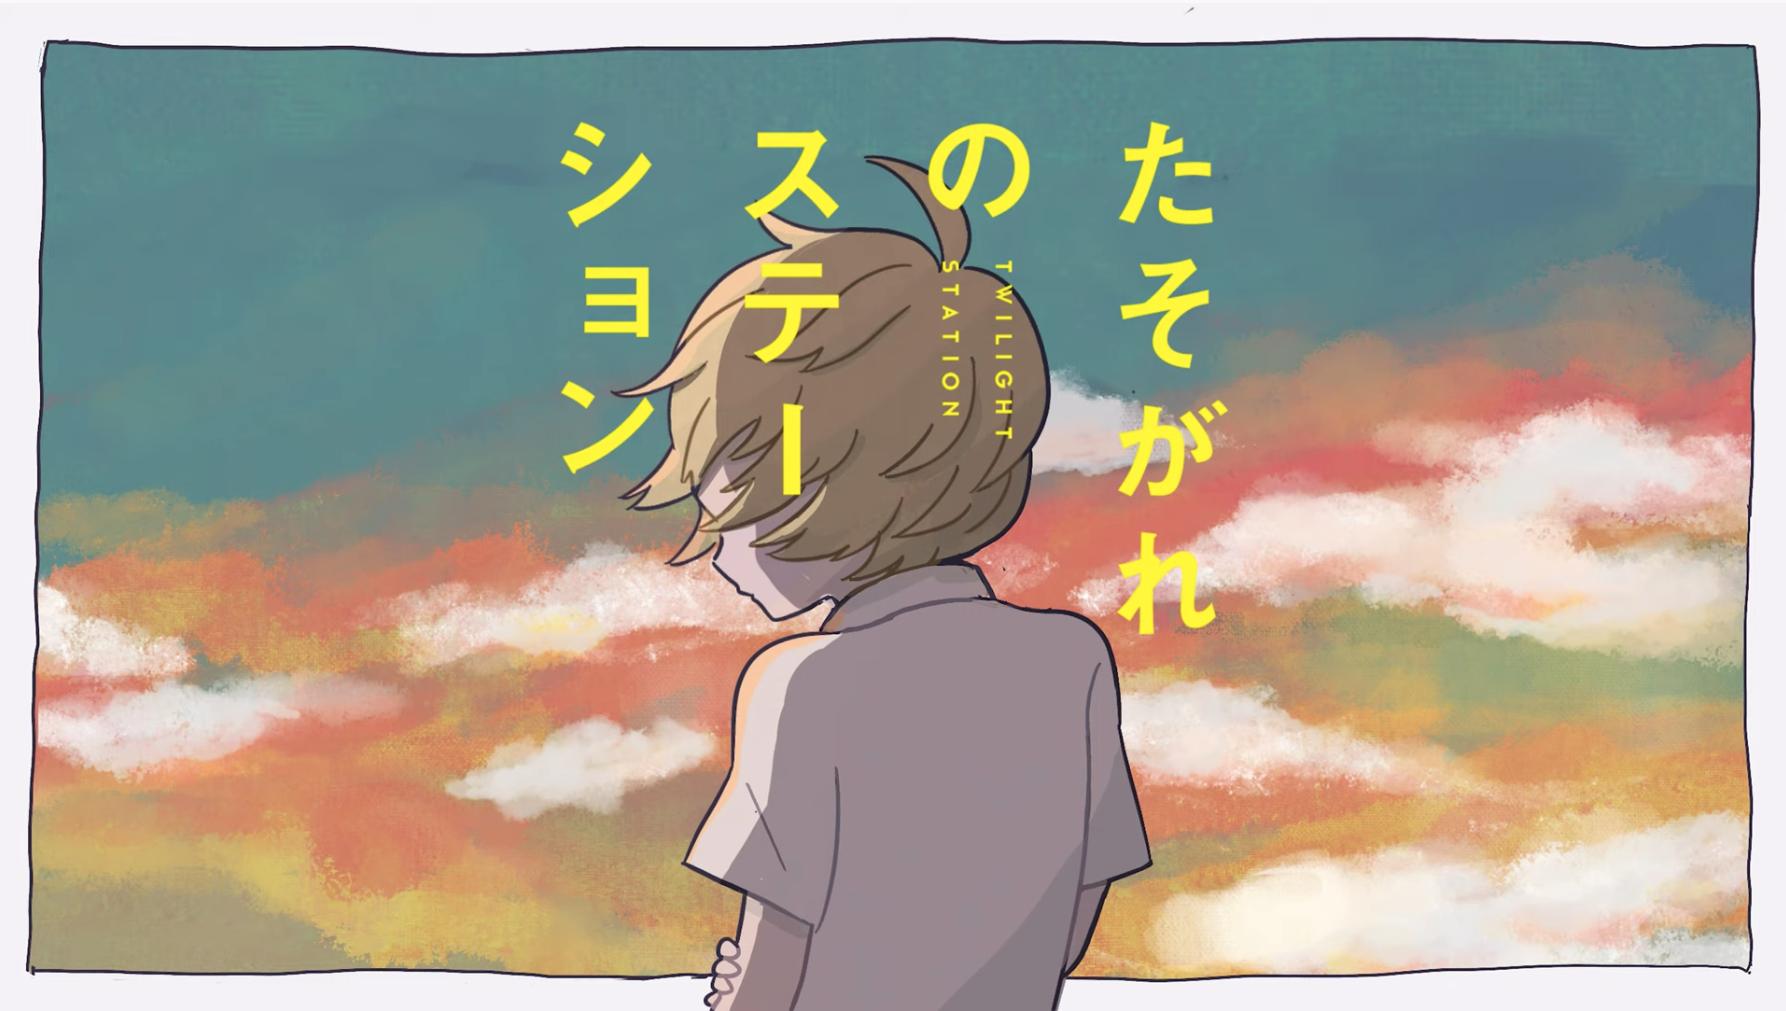 たそがれのステーション (Tasogare no Station)